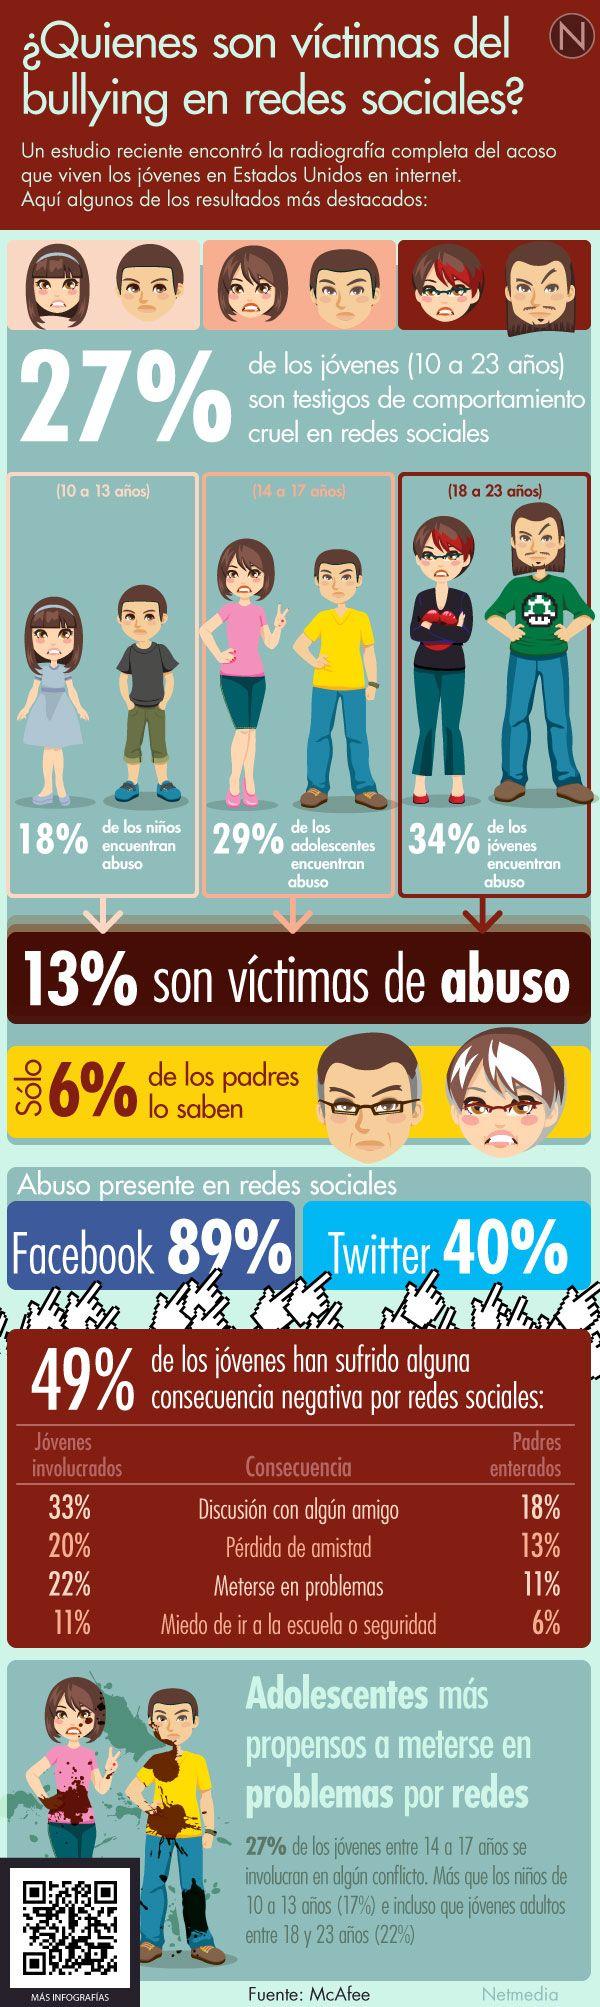 Hola: Una infografía sobre quiénes son las víctimas de bullying en Redes Sociales. Vía Un saludo